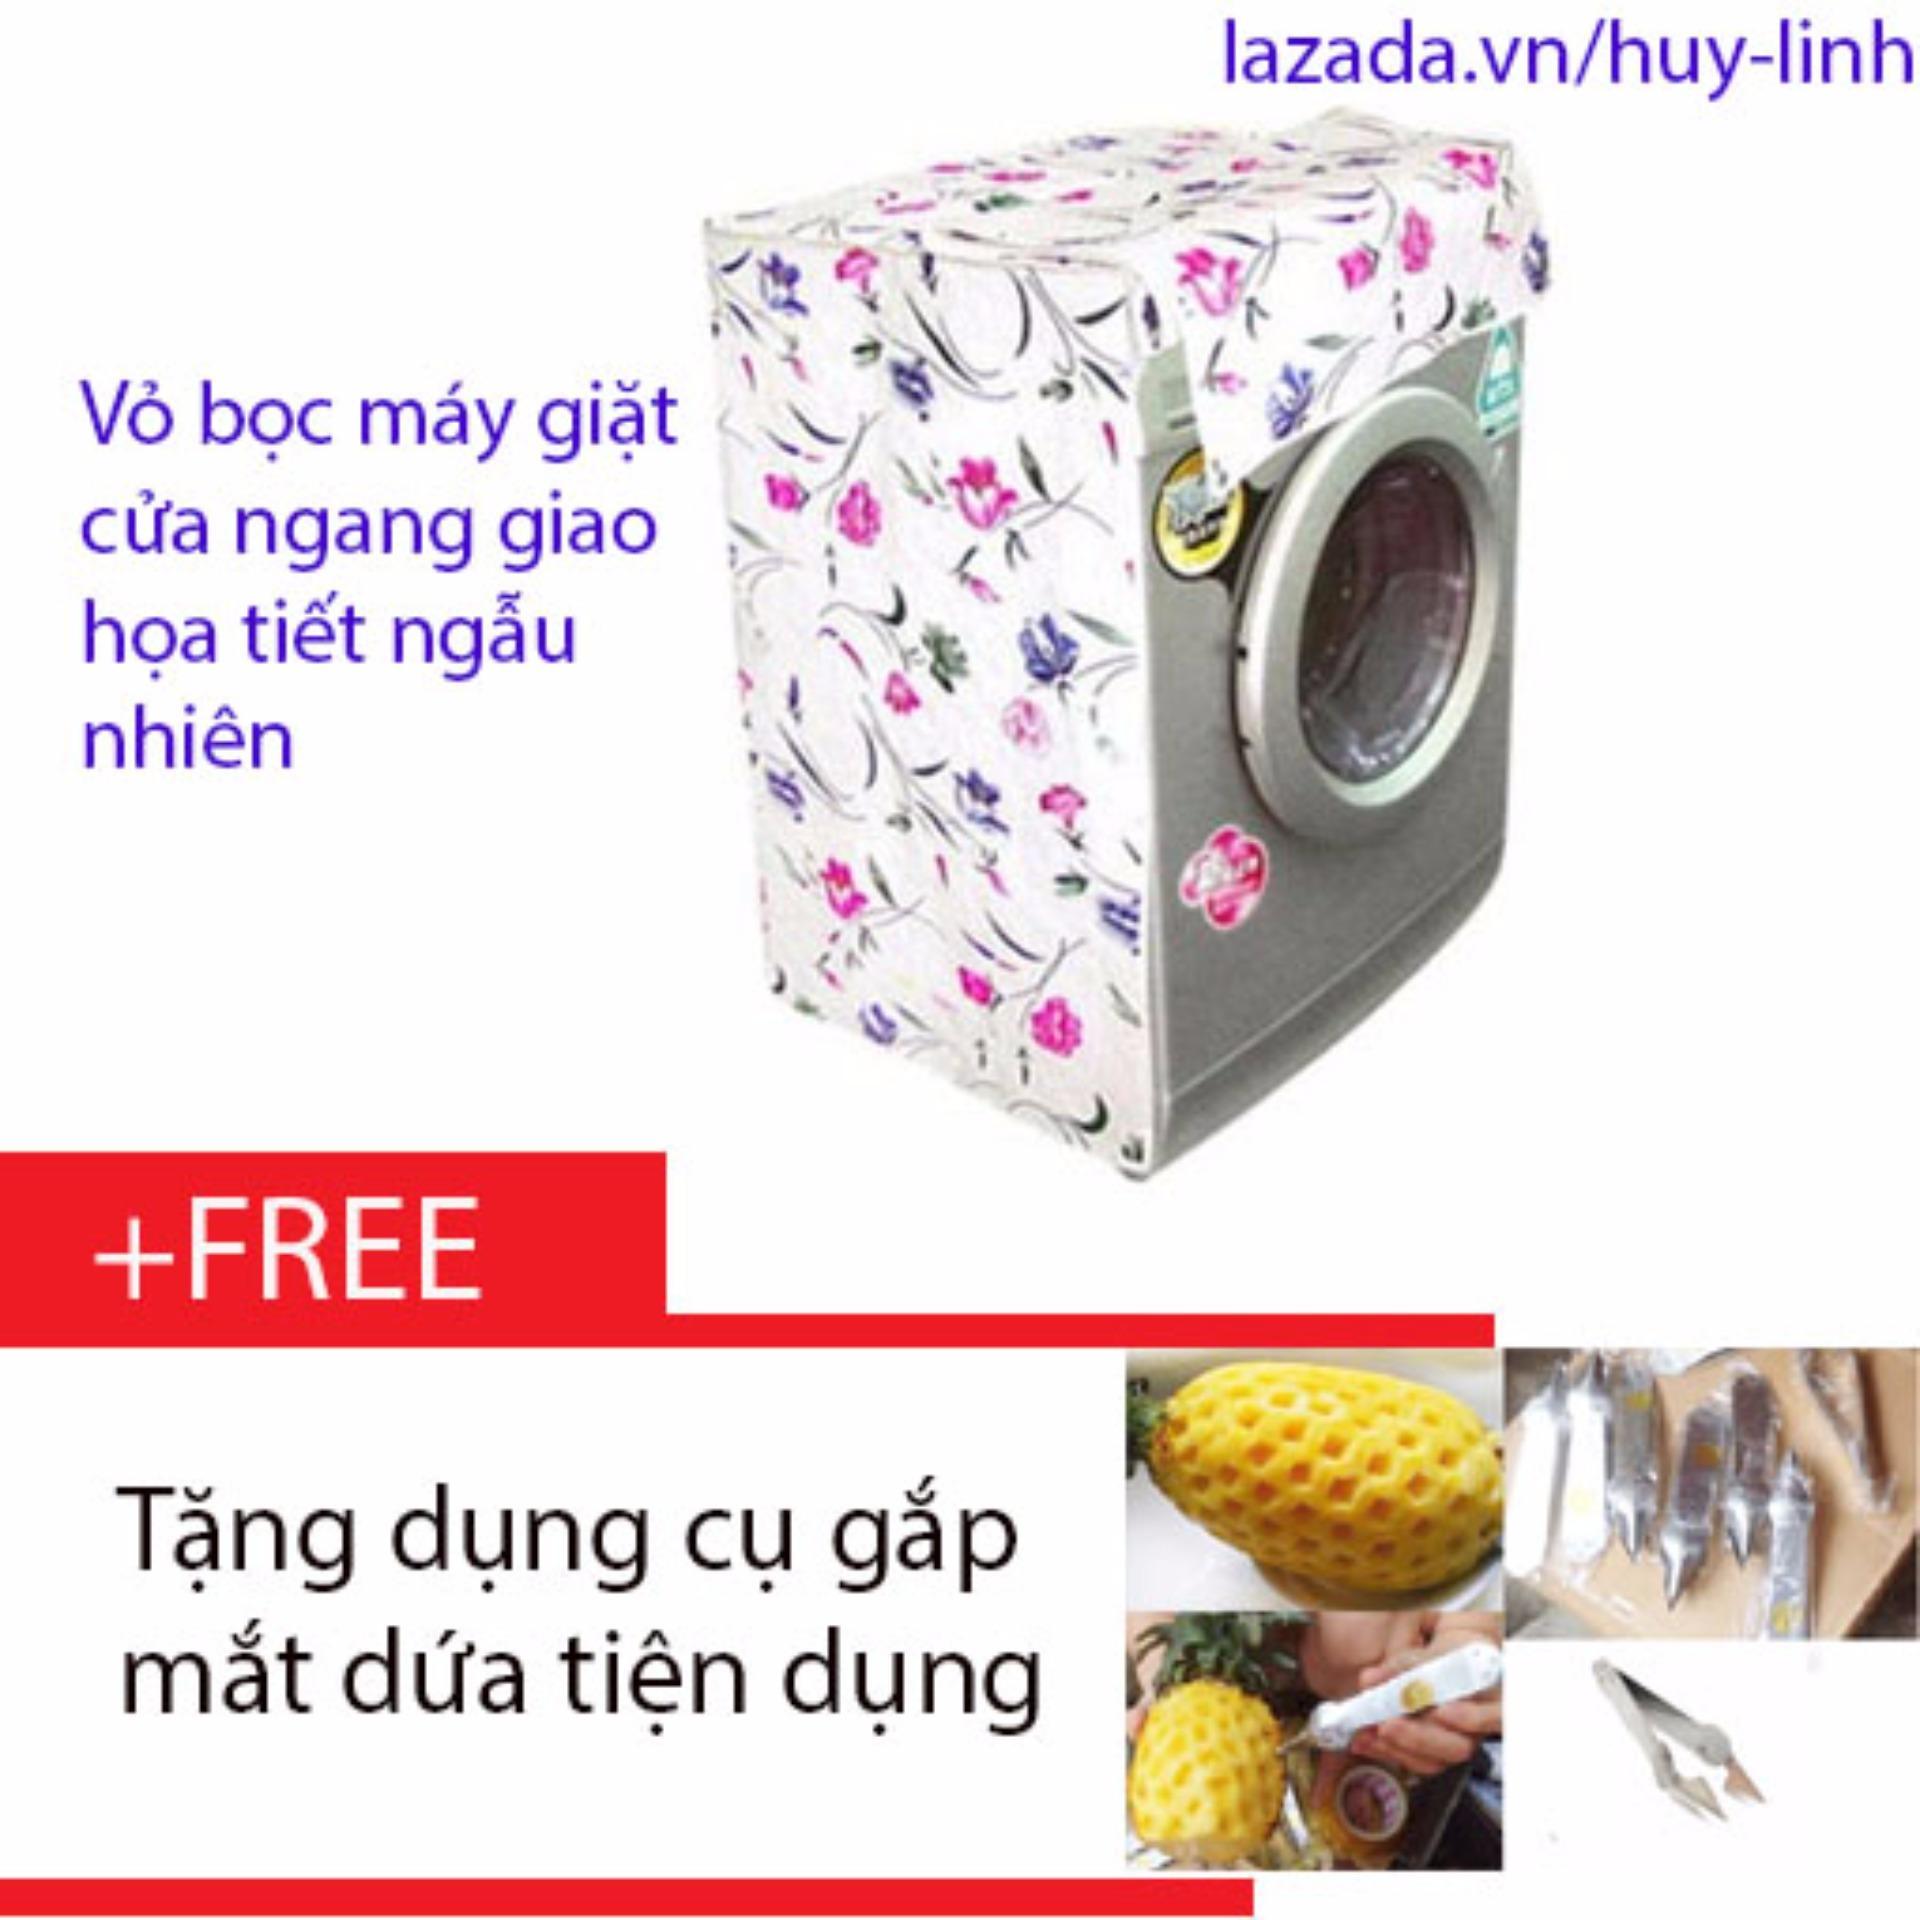 Vỏ bọc máy giặt cửa ngang cỡ nhỏ màu sắc ngẫu nhiên cho máy giặt giao màu ngẫu nhiên + Tặng dụng cụ gắp mắt dứa